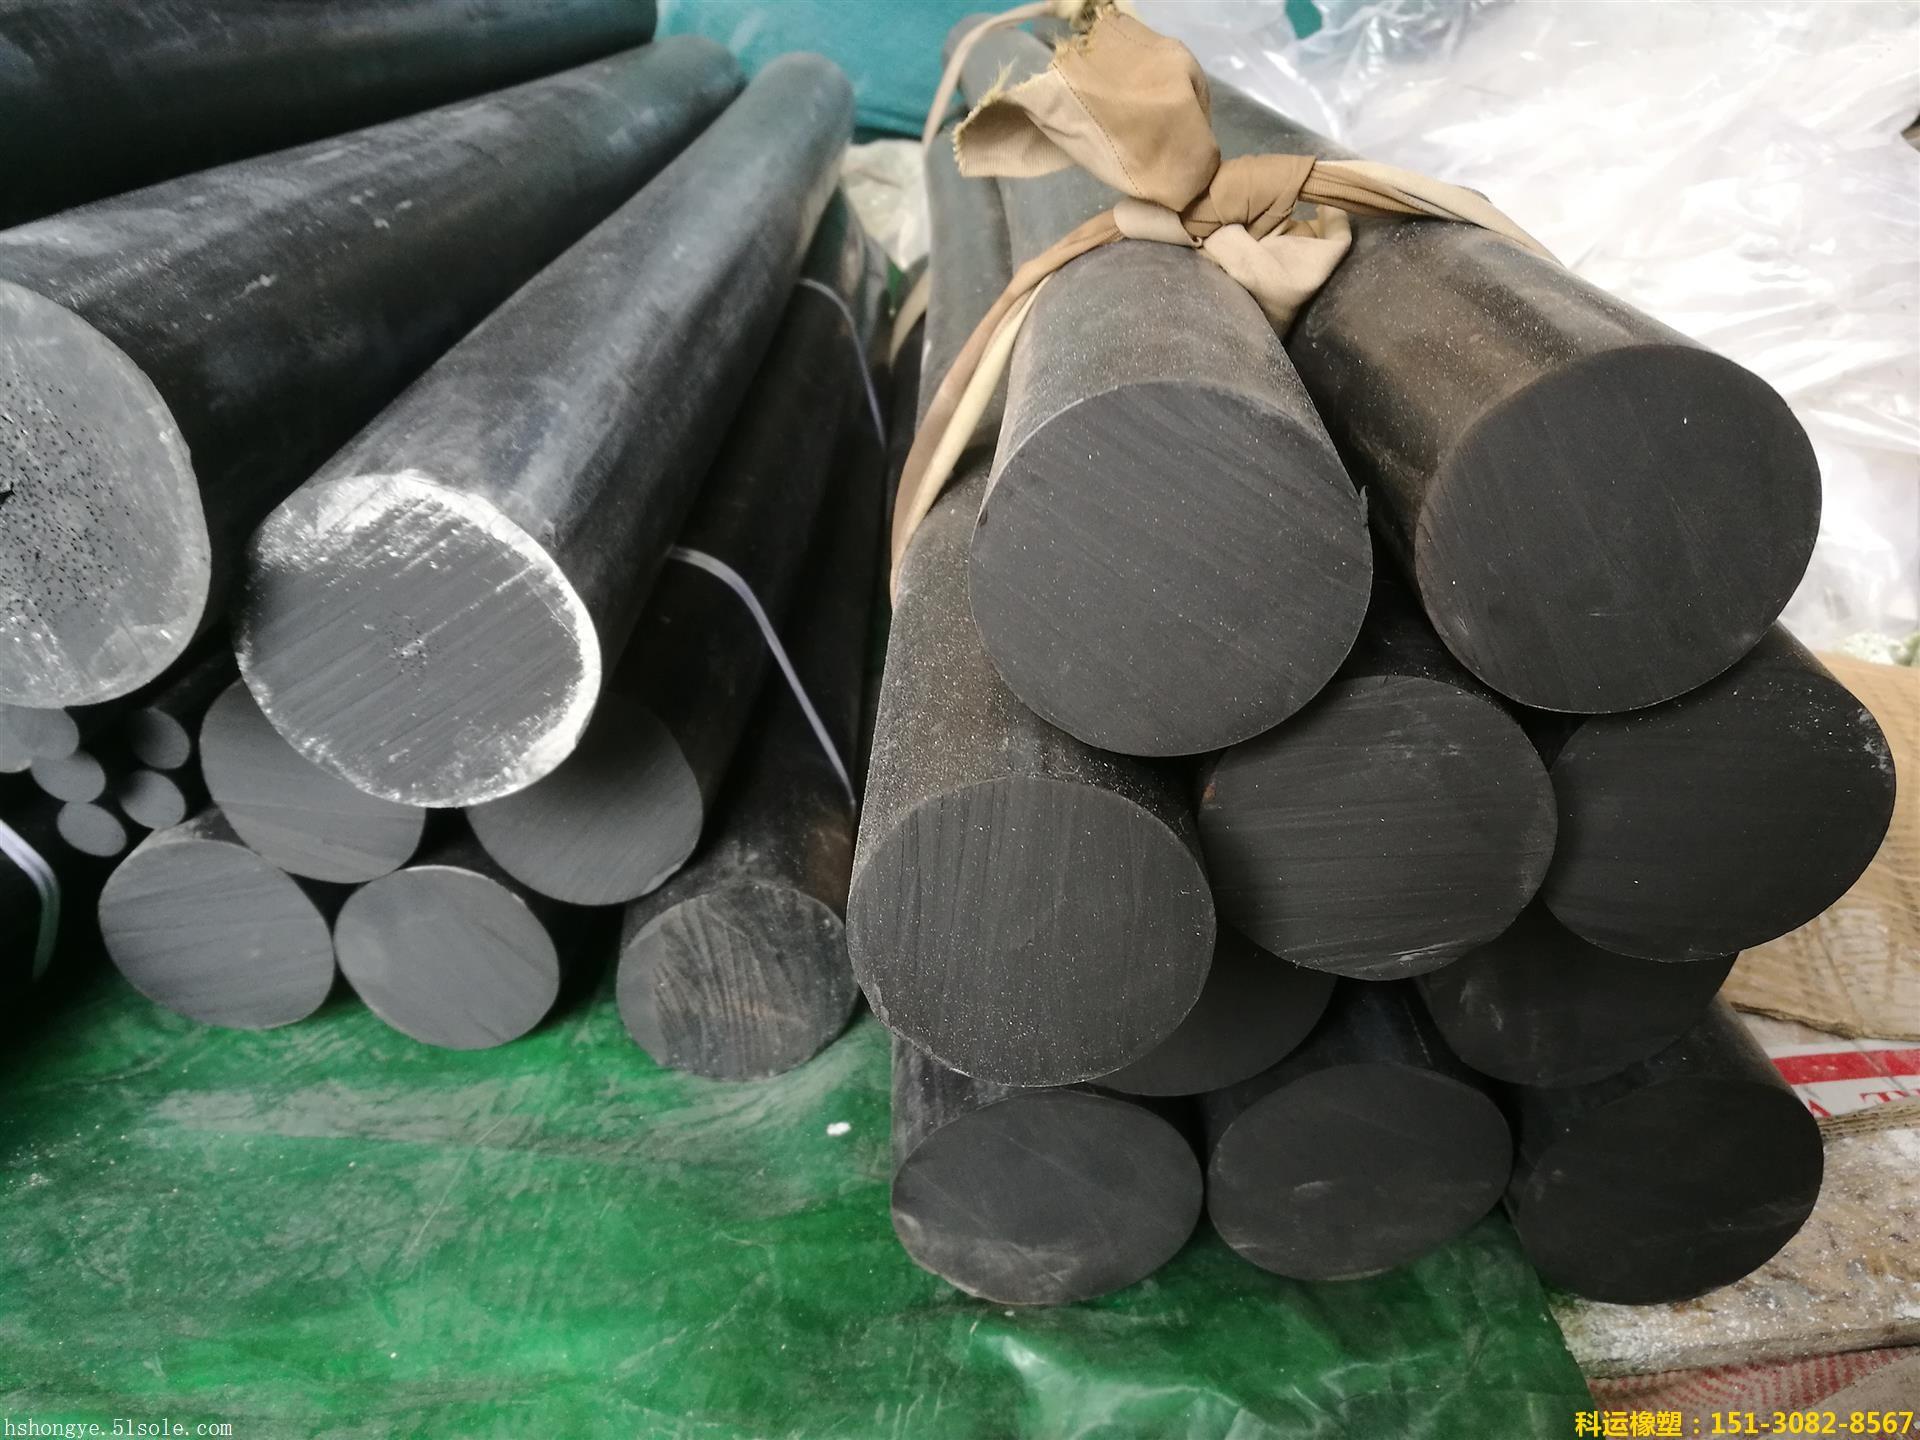 面板坝止水嵌缝专用氯丁橡胶棒-科运橡塑国标优质氯丁橡胶棒批发4